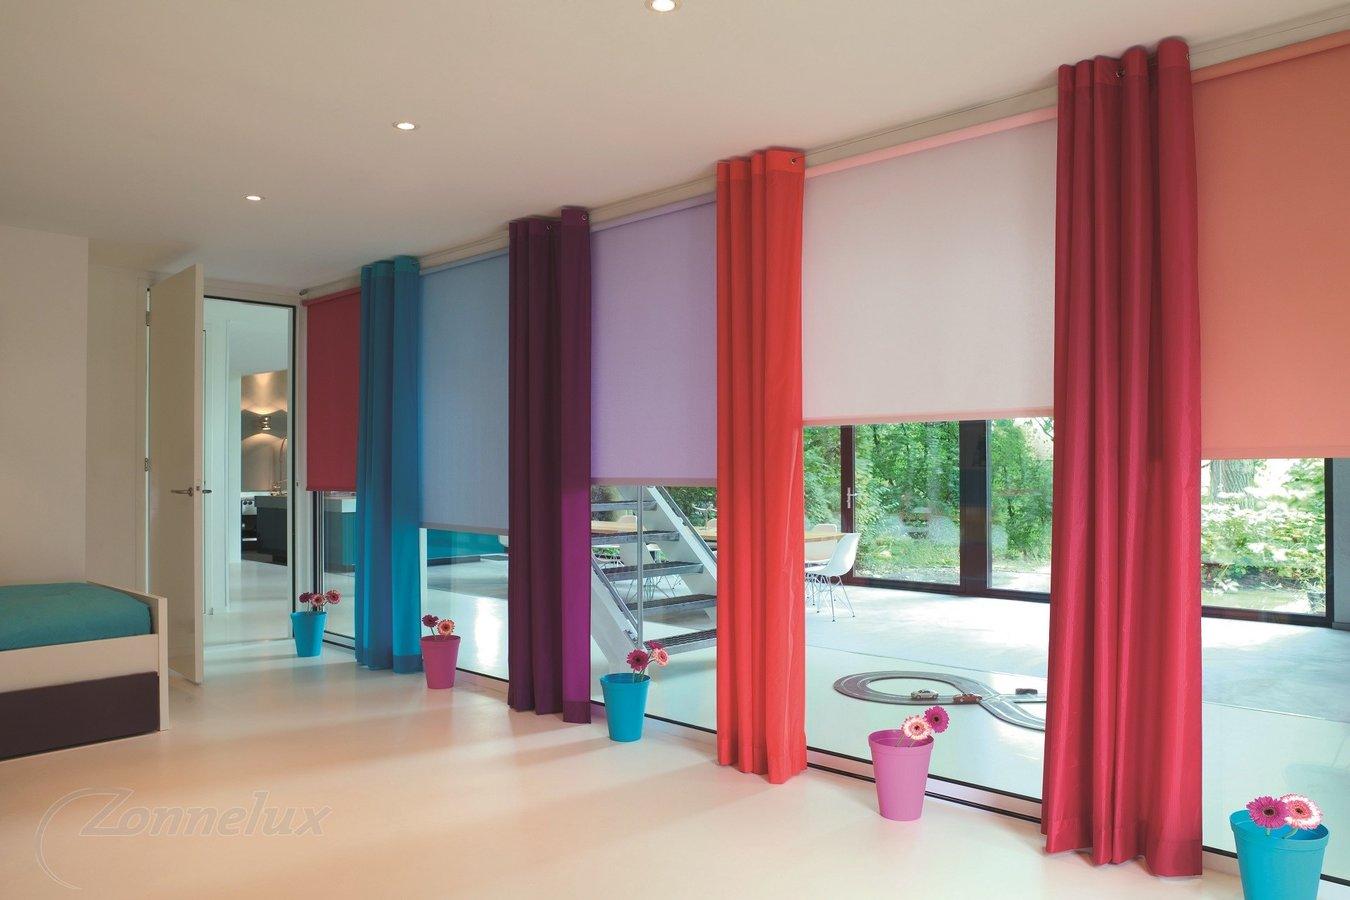 http://dekor-wateringen.nl/wp-content/uploads/2014/05/rolgordijnen-slaapkamer.jpg